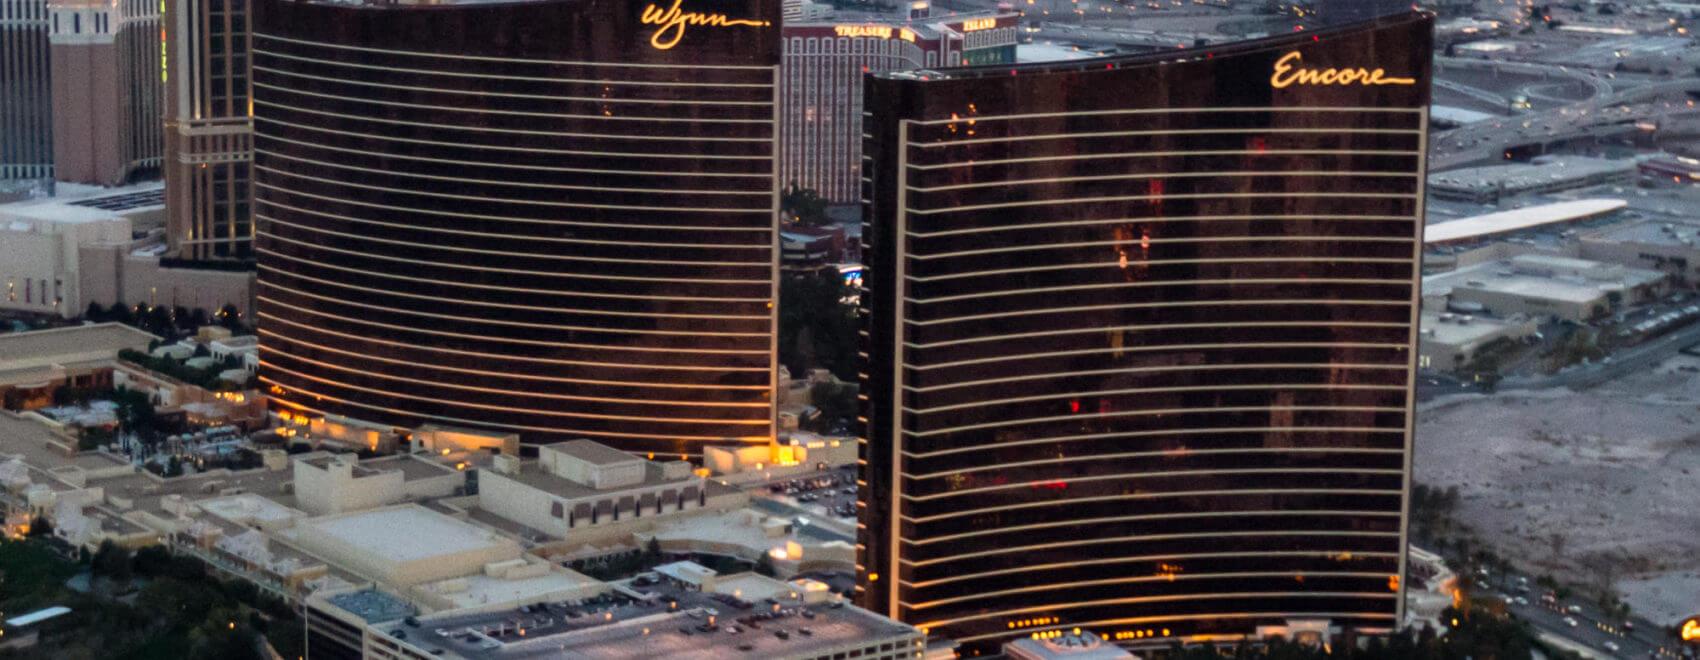 Wynn Casino en Encore Casino, aan de Las Veas Strip